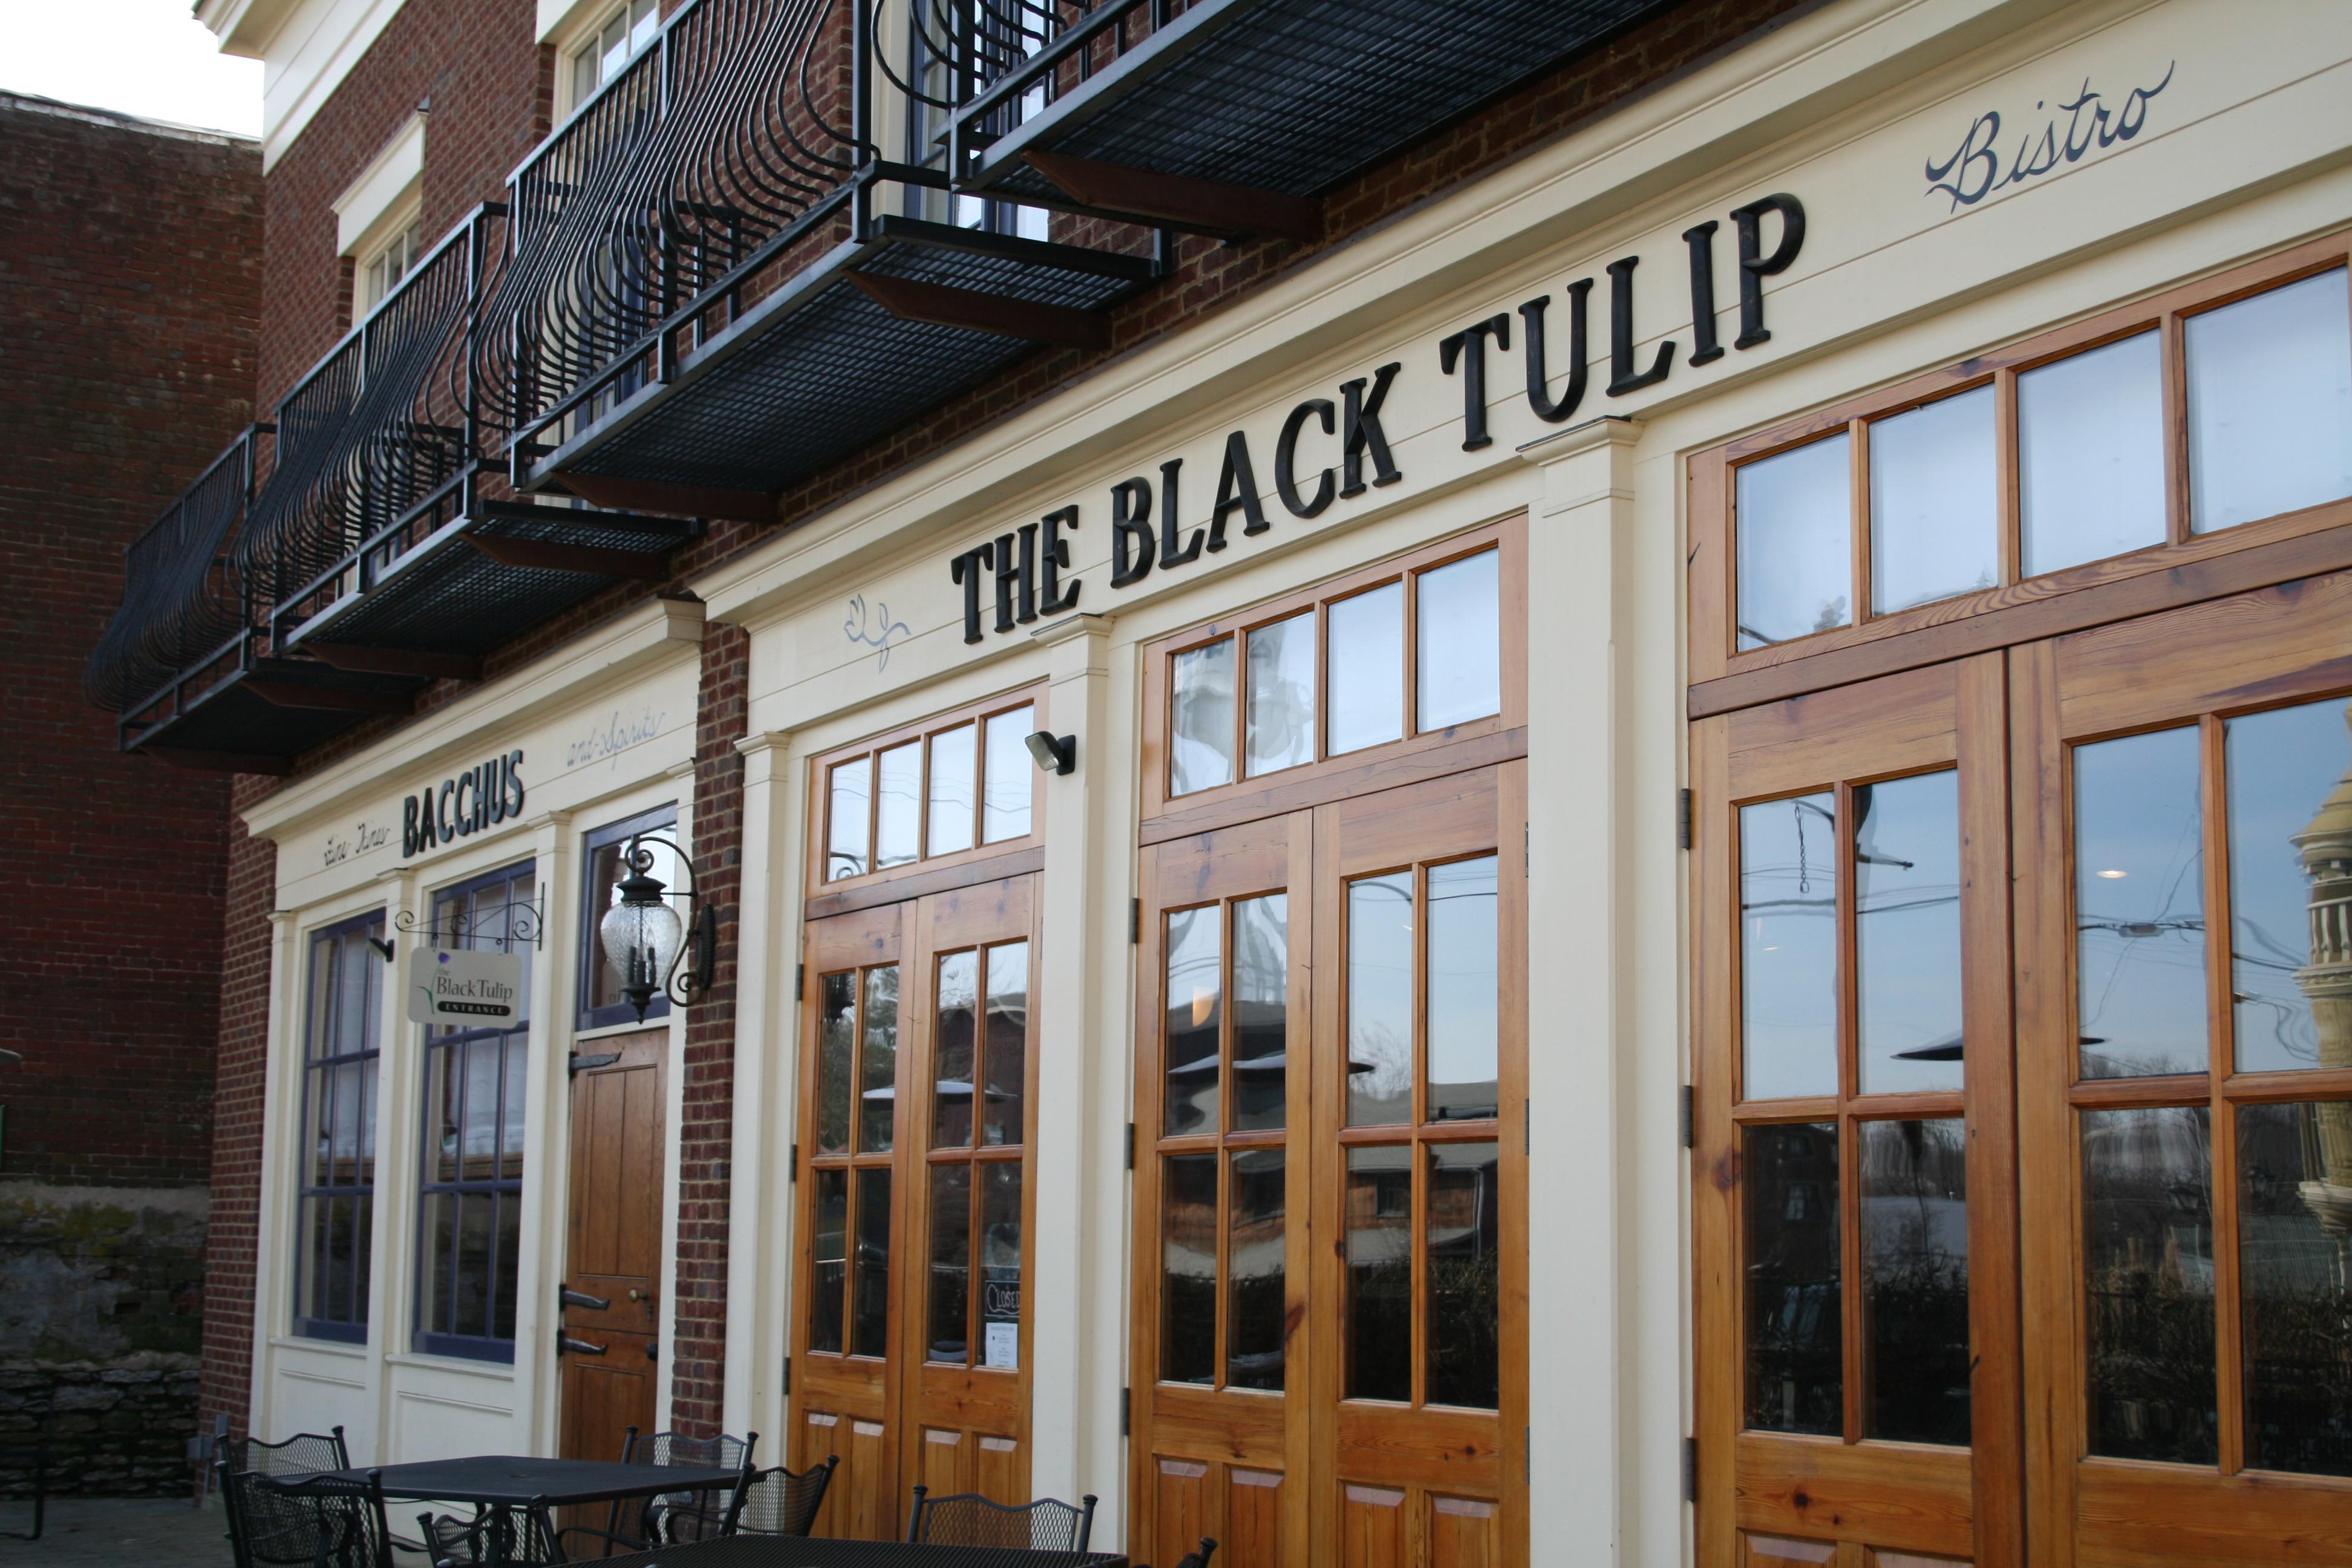 The Black Tulip Exterior